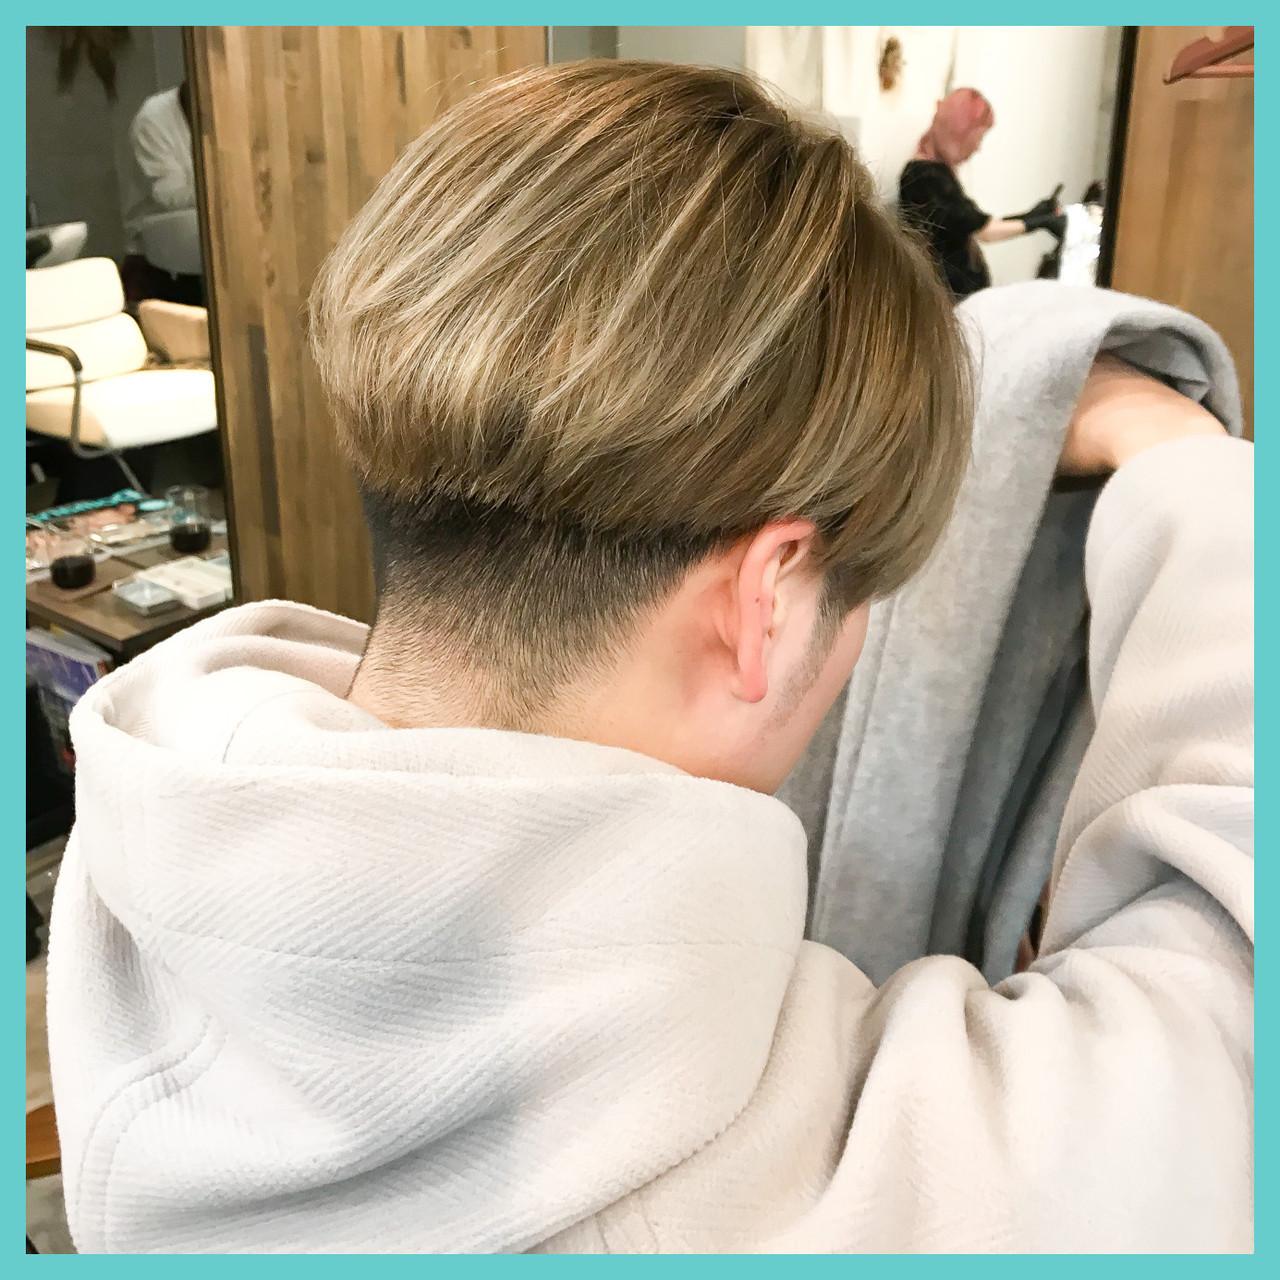 ストリート メンズカラー メンズカット ショートヘア ヘアスタイルや髪型の写真・画像